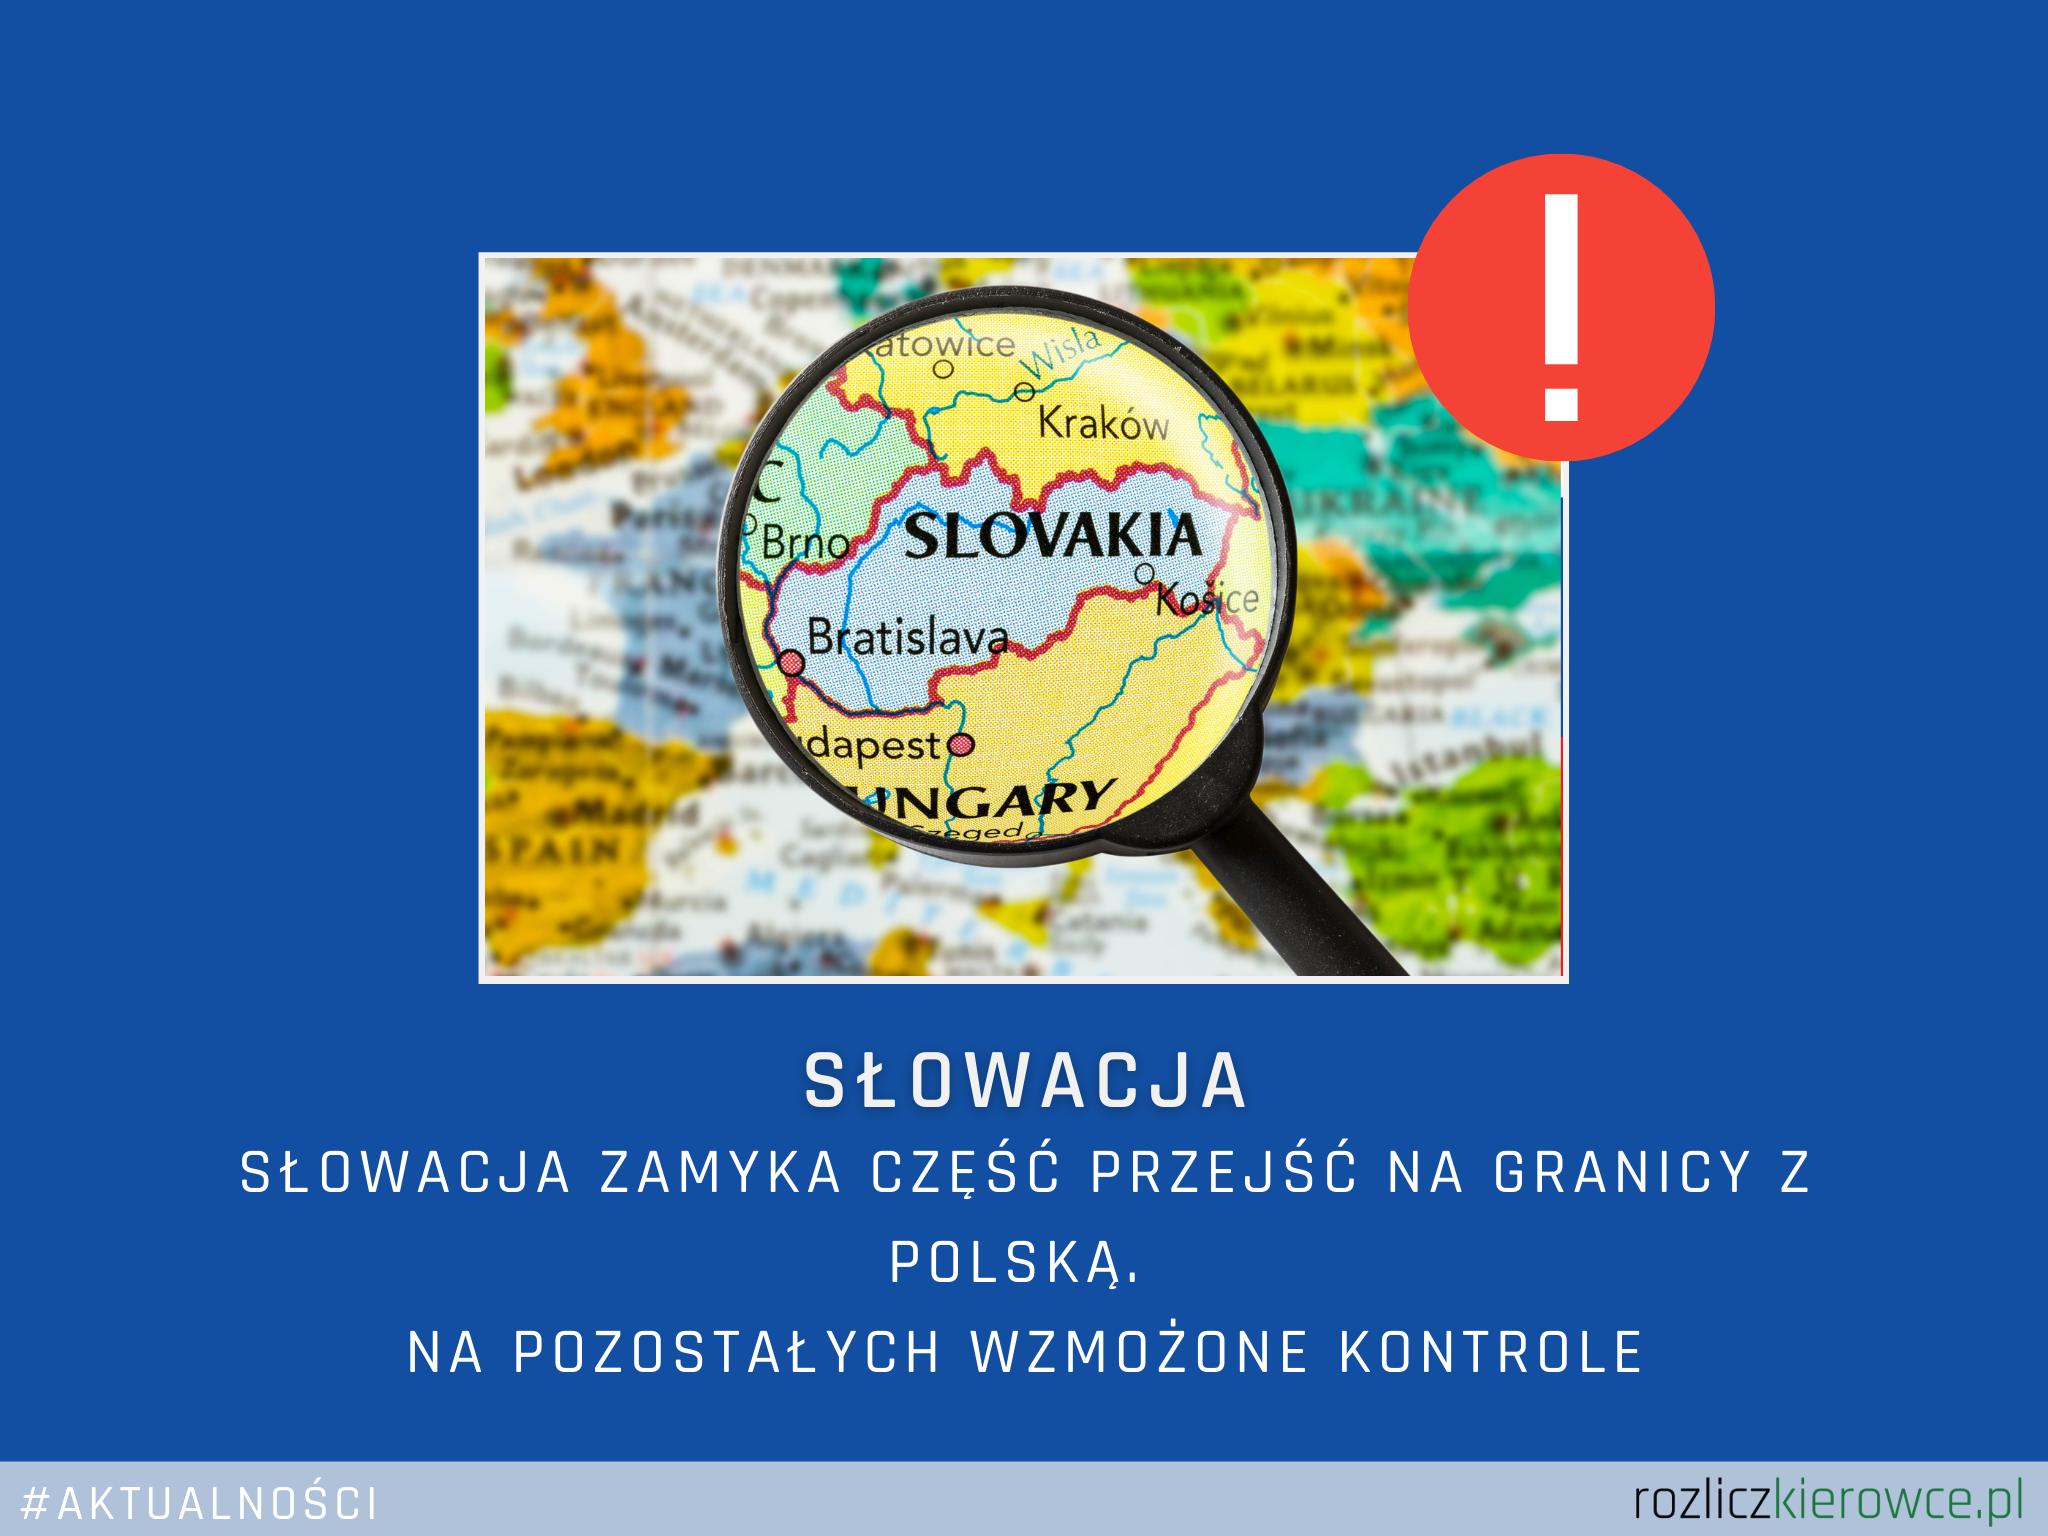 ❗️🚛🇸🇰 Słowacja zamyka część przejść na granicy z Polską. Na pozostałych wzmożone kontrole.